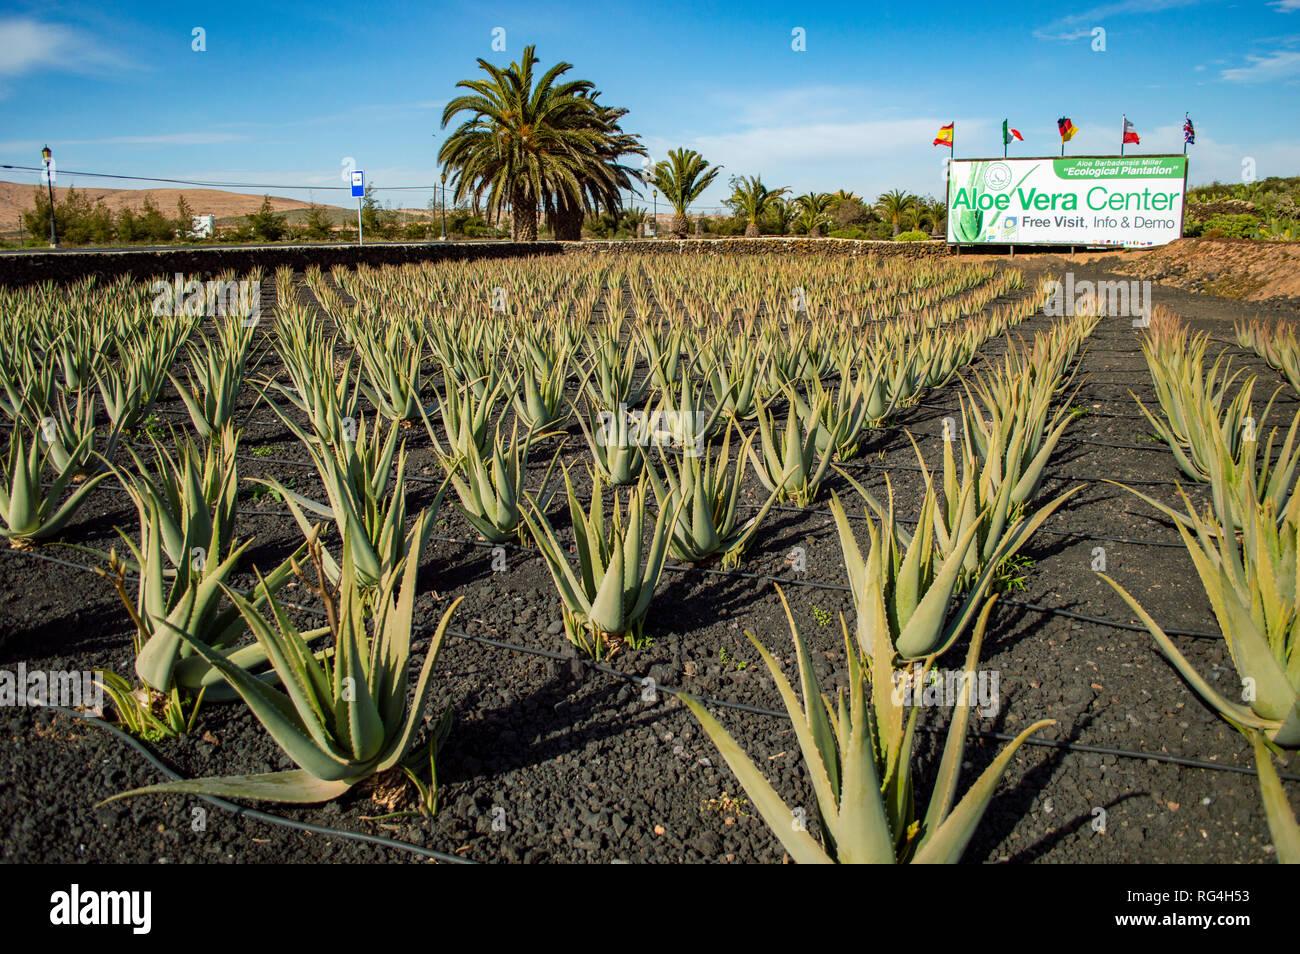 The Finca Canarias Aloe Vera Garden Center in Fuerteventura, Canary Islands - Stock Image